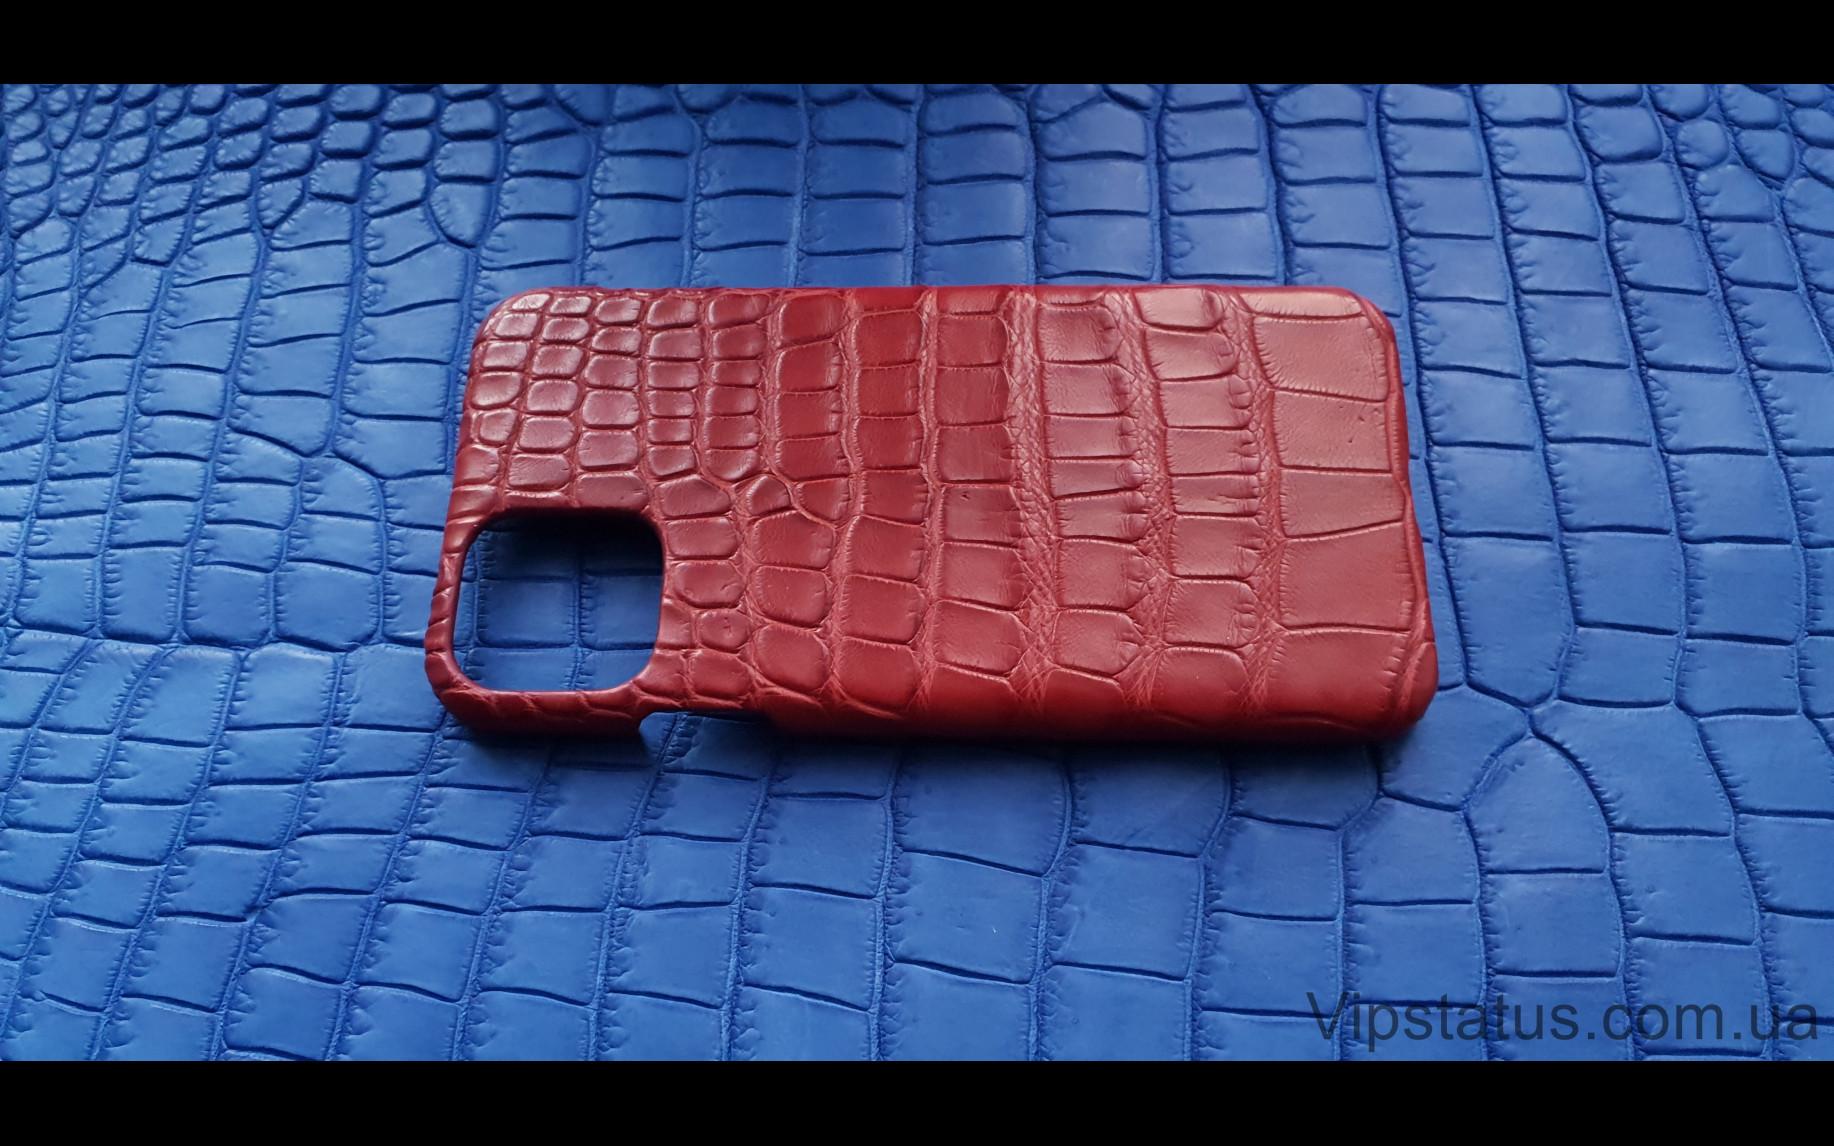 Элитный Red Storm Элитный чехол IPhone 11 Pro Max кожа крокодила Red Storm Элитный чехол IPhone 11 Pro Max кожа крокодила изображение 3